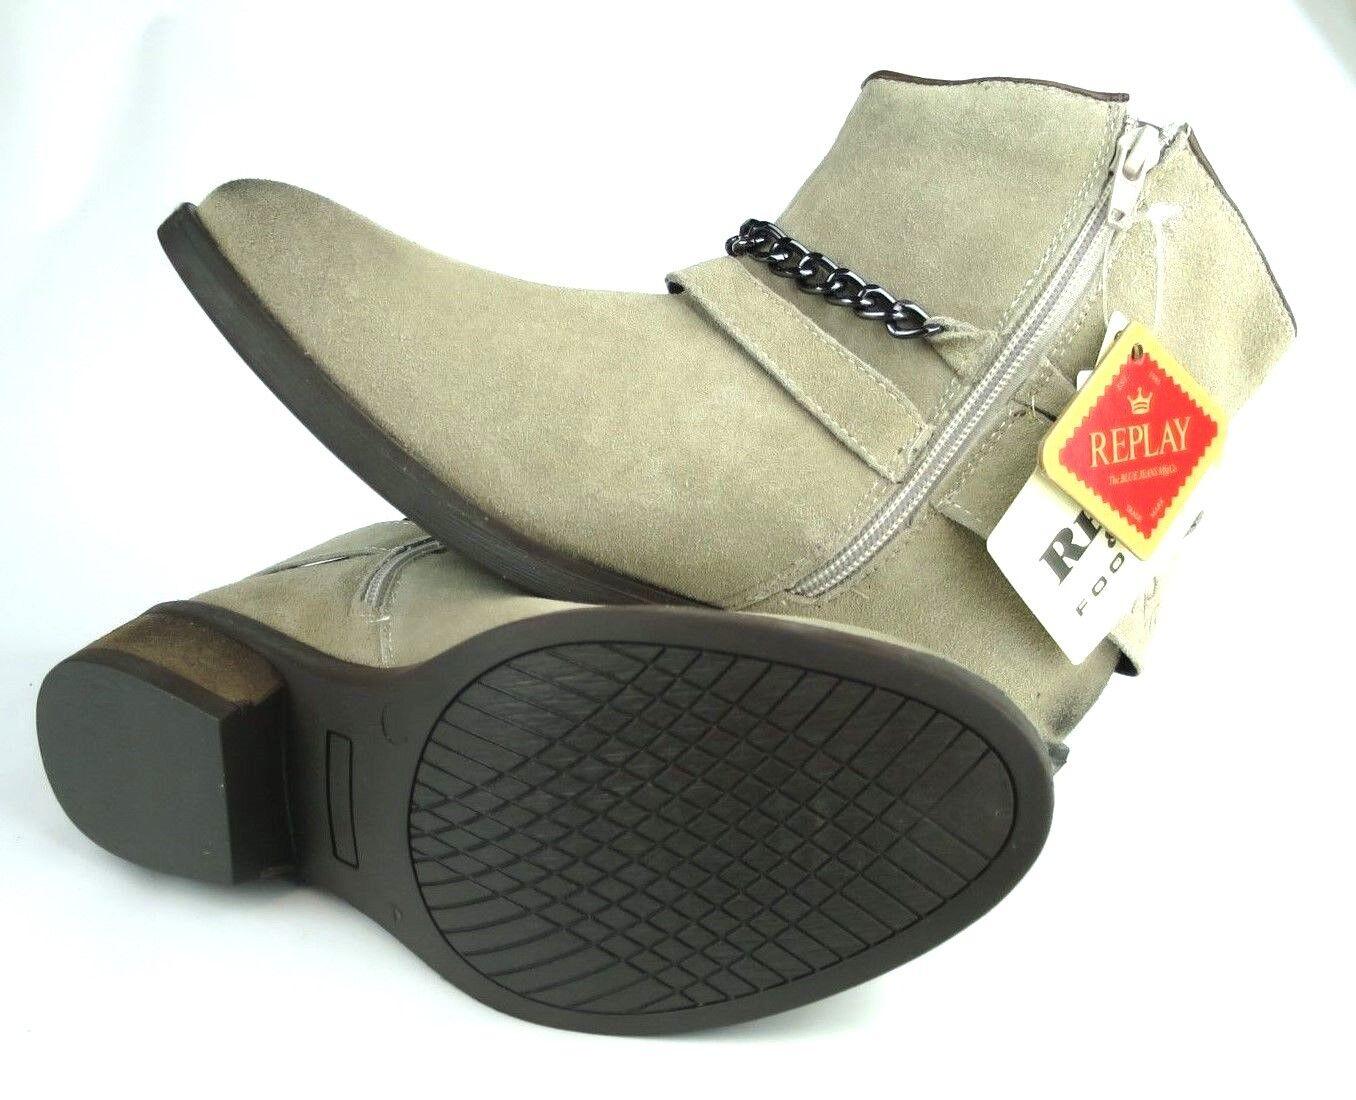 REPLAY KINGSTON Damen Leder Stiefelette Stiefelette Stiefelette Mädchen Schuhe Stiefel Woman Stiefel Beige 452ceb